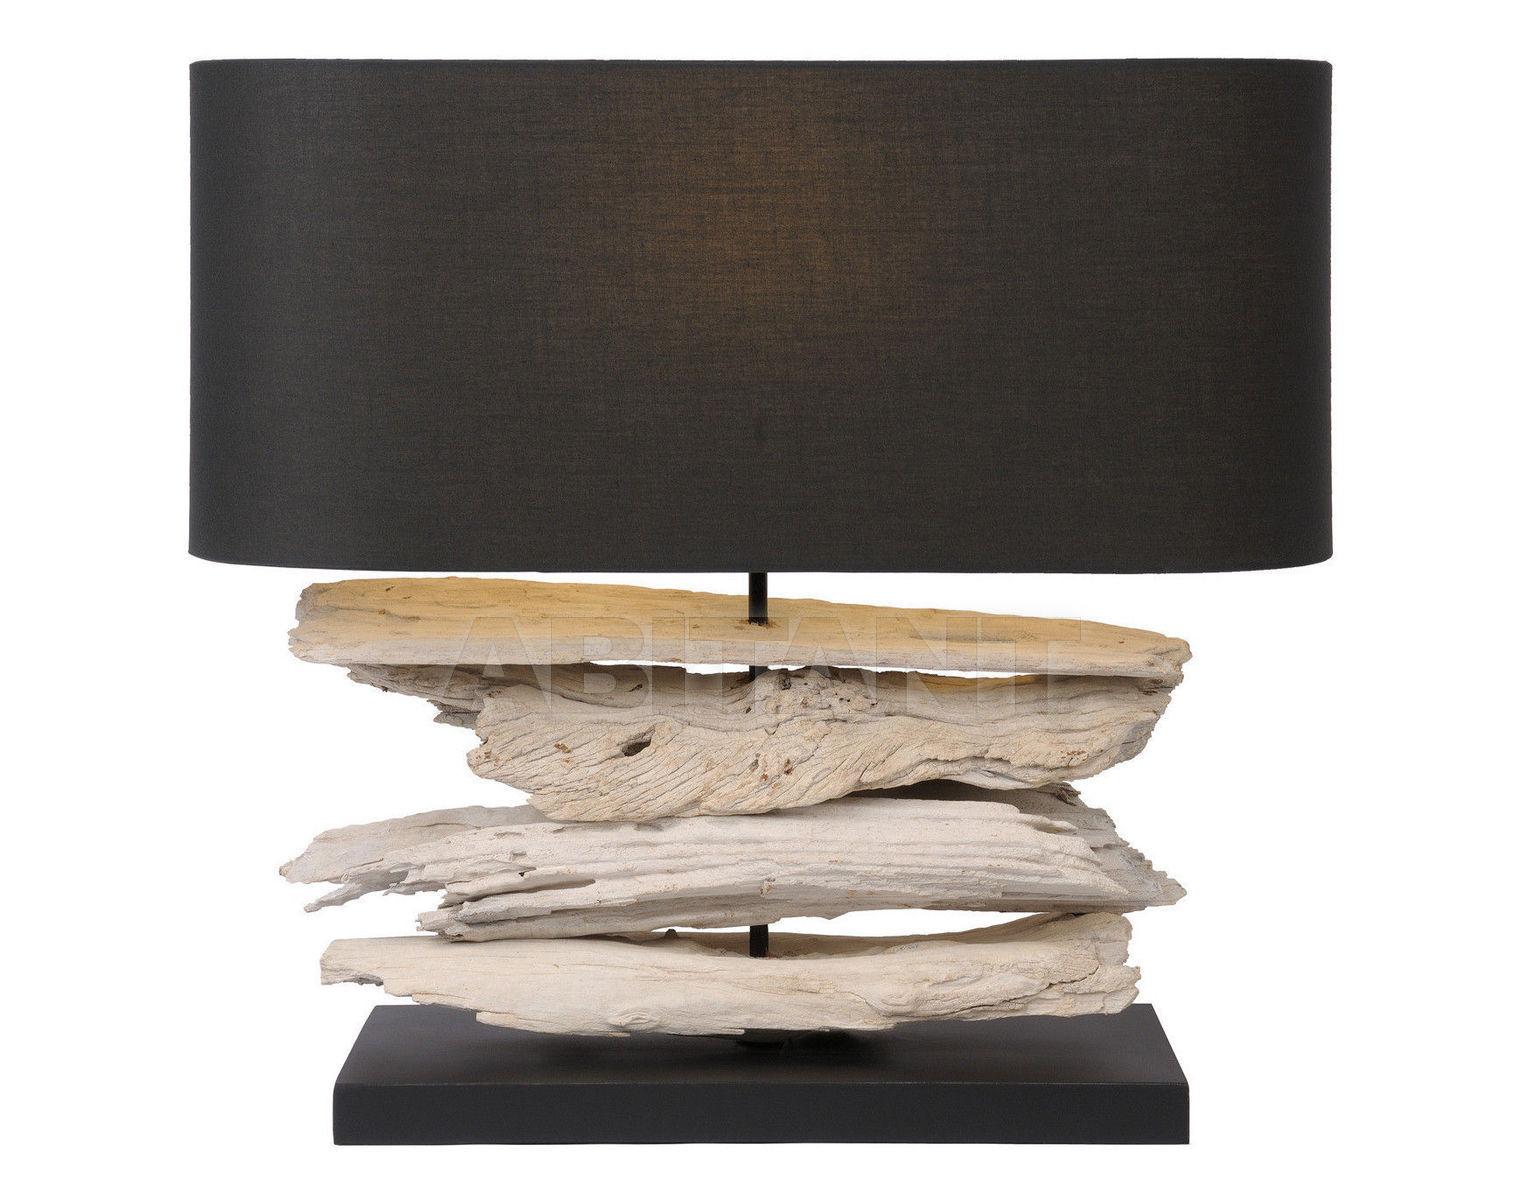 Купить Лампа настольная Limpoko Lucide  Fascio 40500/81/30